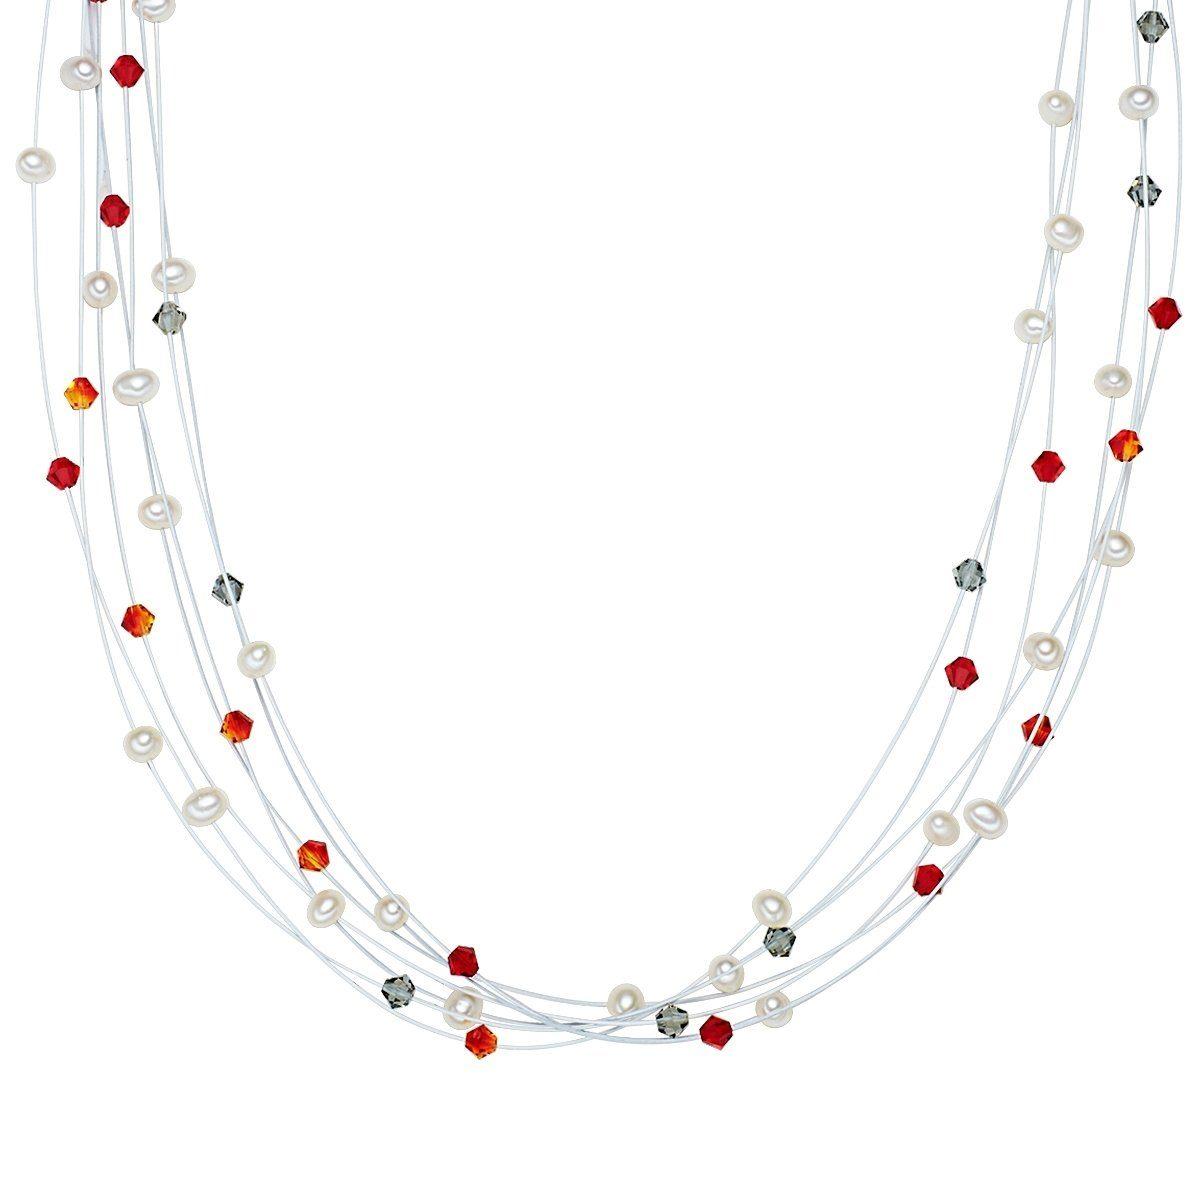 Valero Pearls Perlenkette A1013 | Schmuck > Halsketten > Perlenketten | Valero Pearls